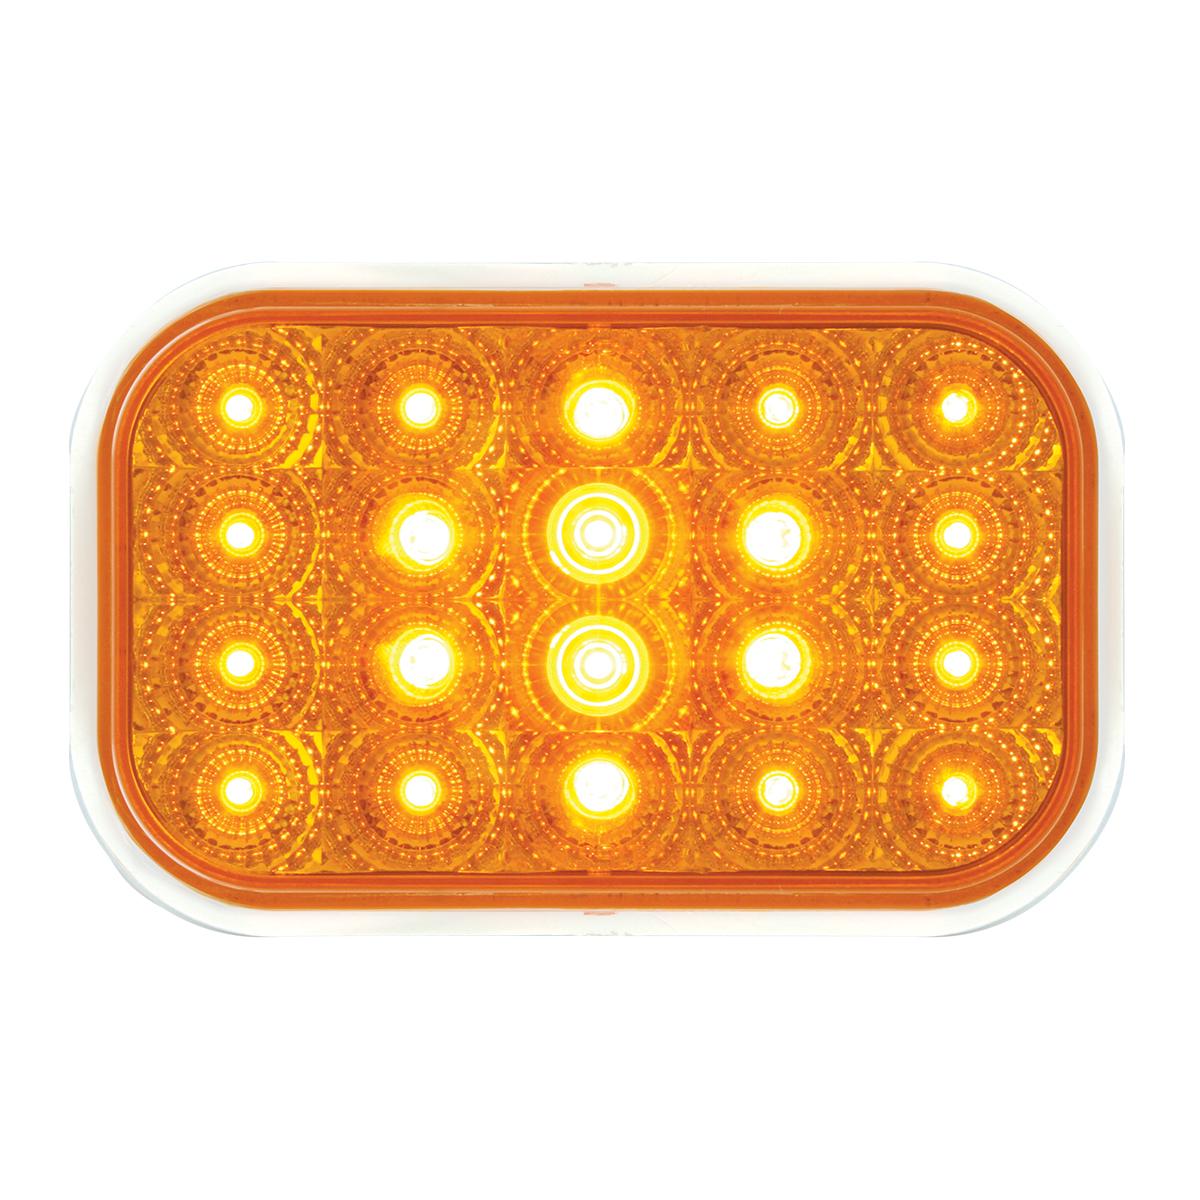 77010 Rectangular Spyder LED Light in Amber/Amber